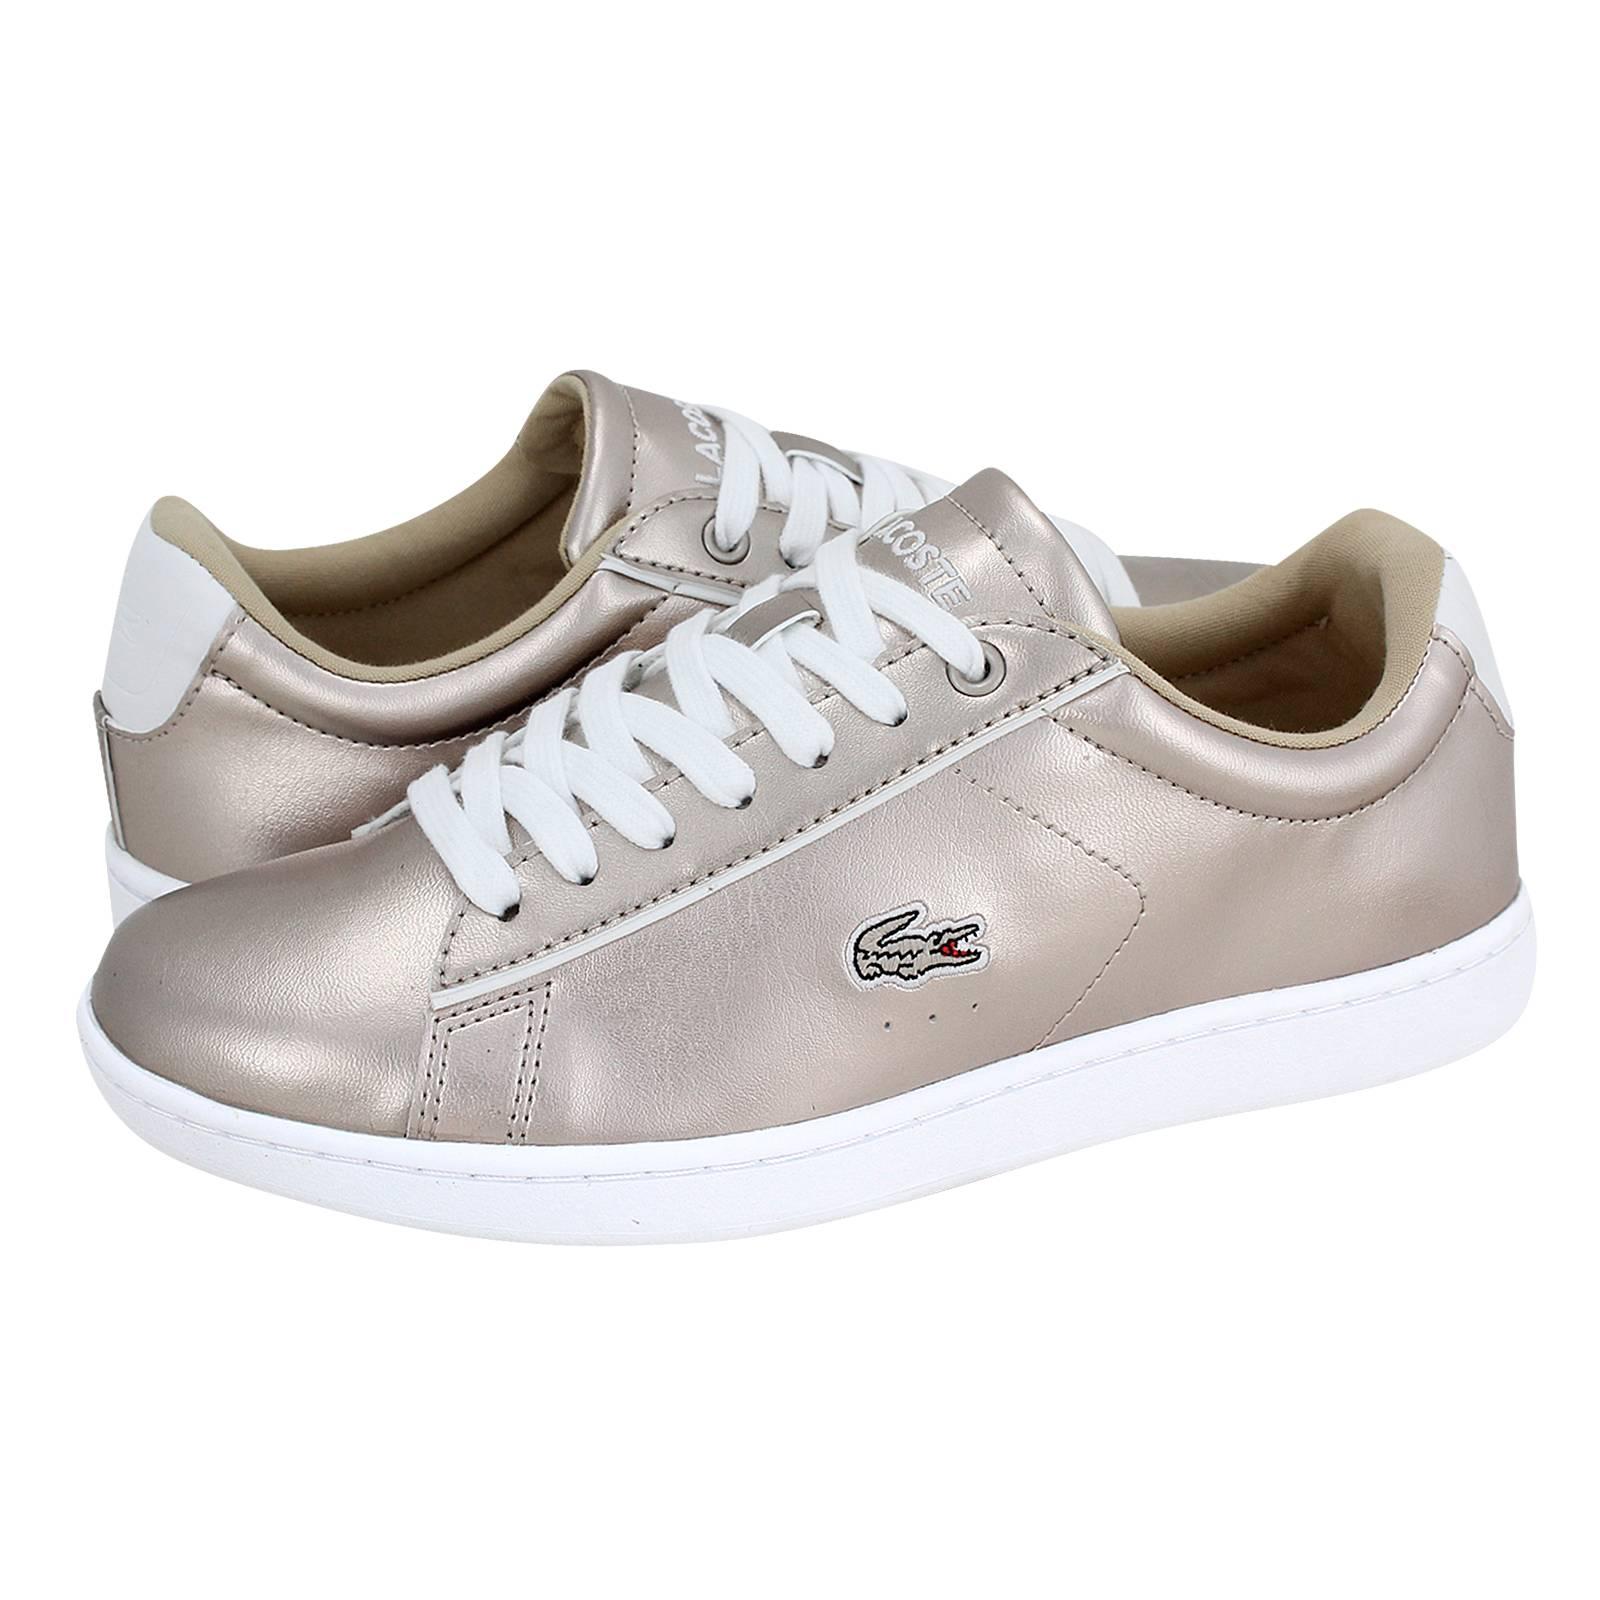 f40db8025ff Παπούτσια casual Lacoste Charo